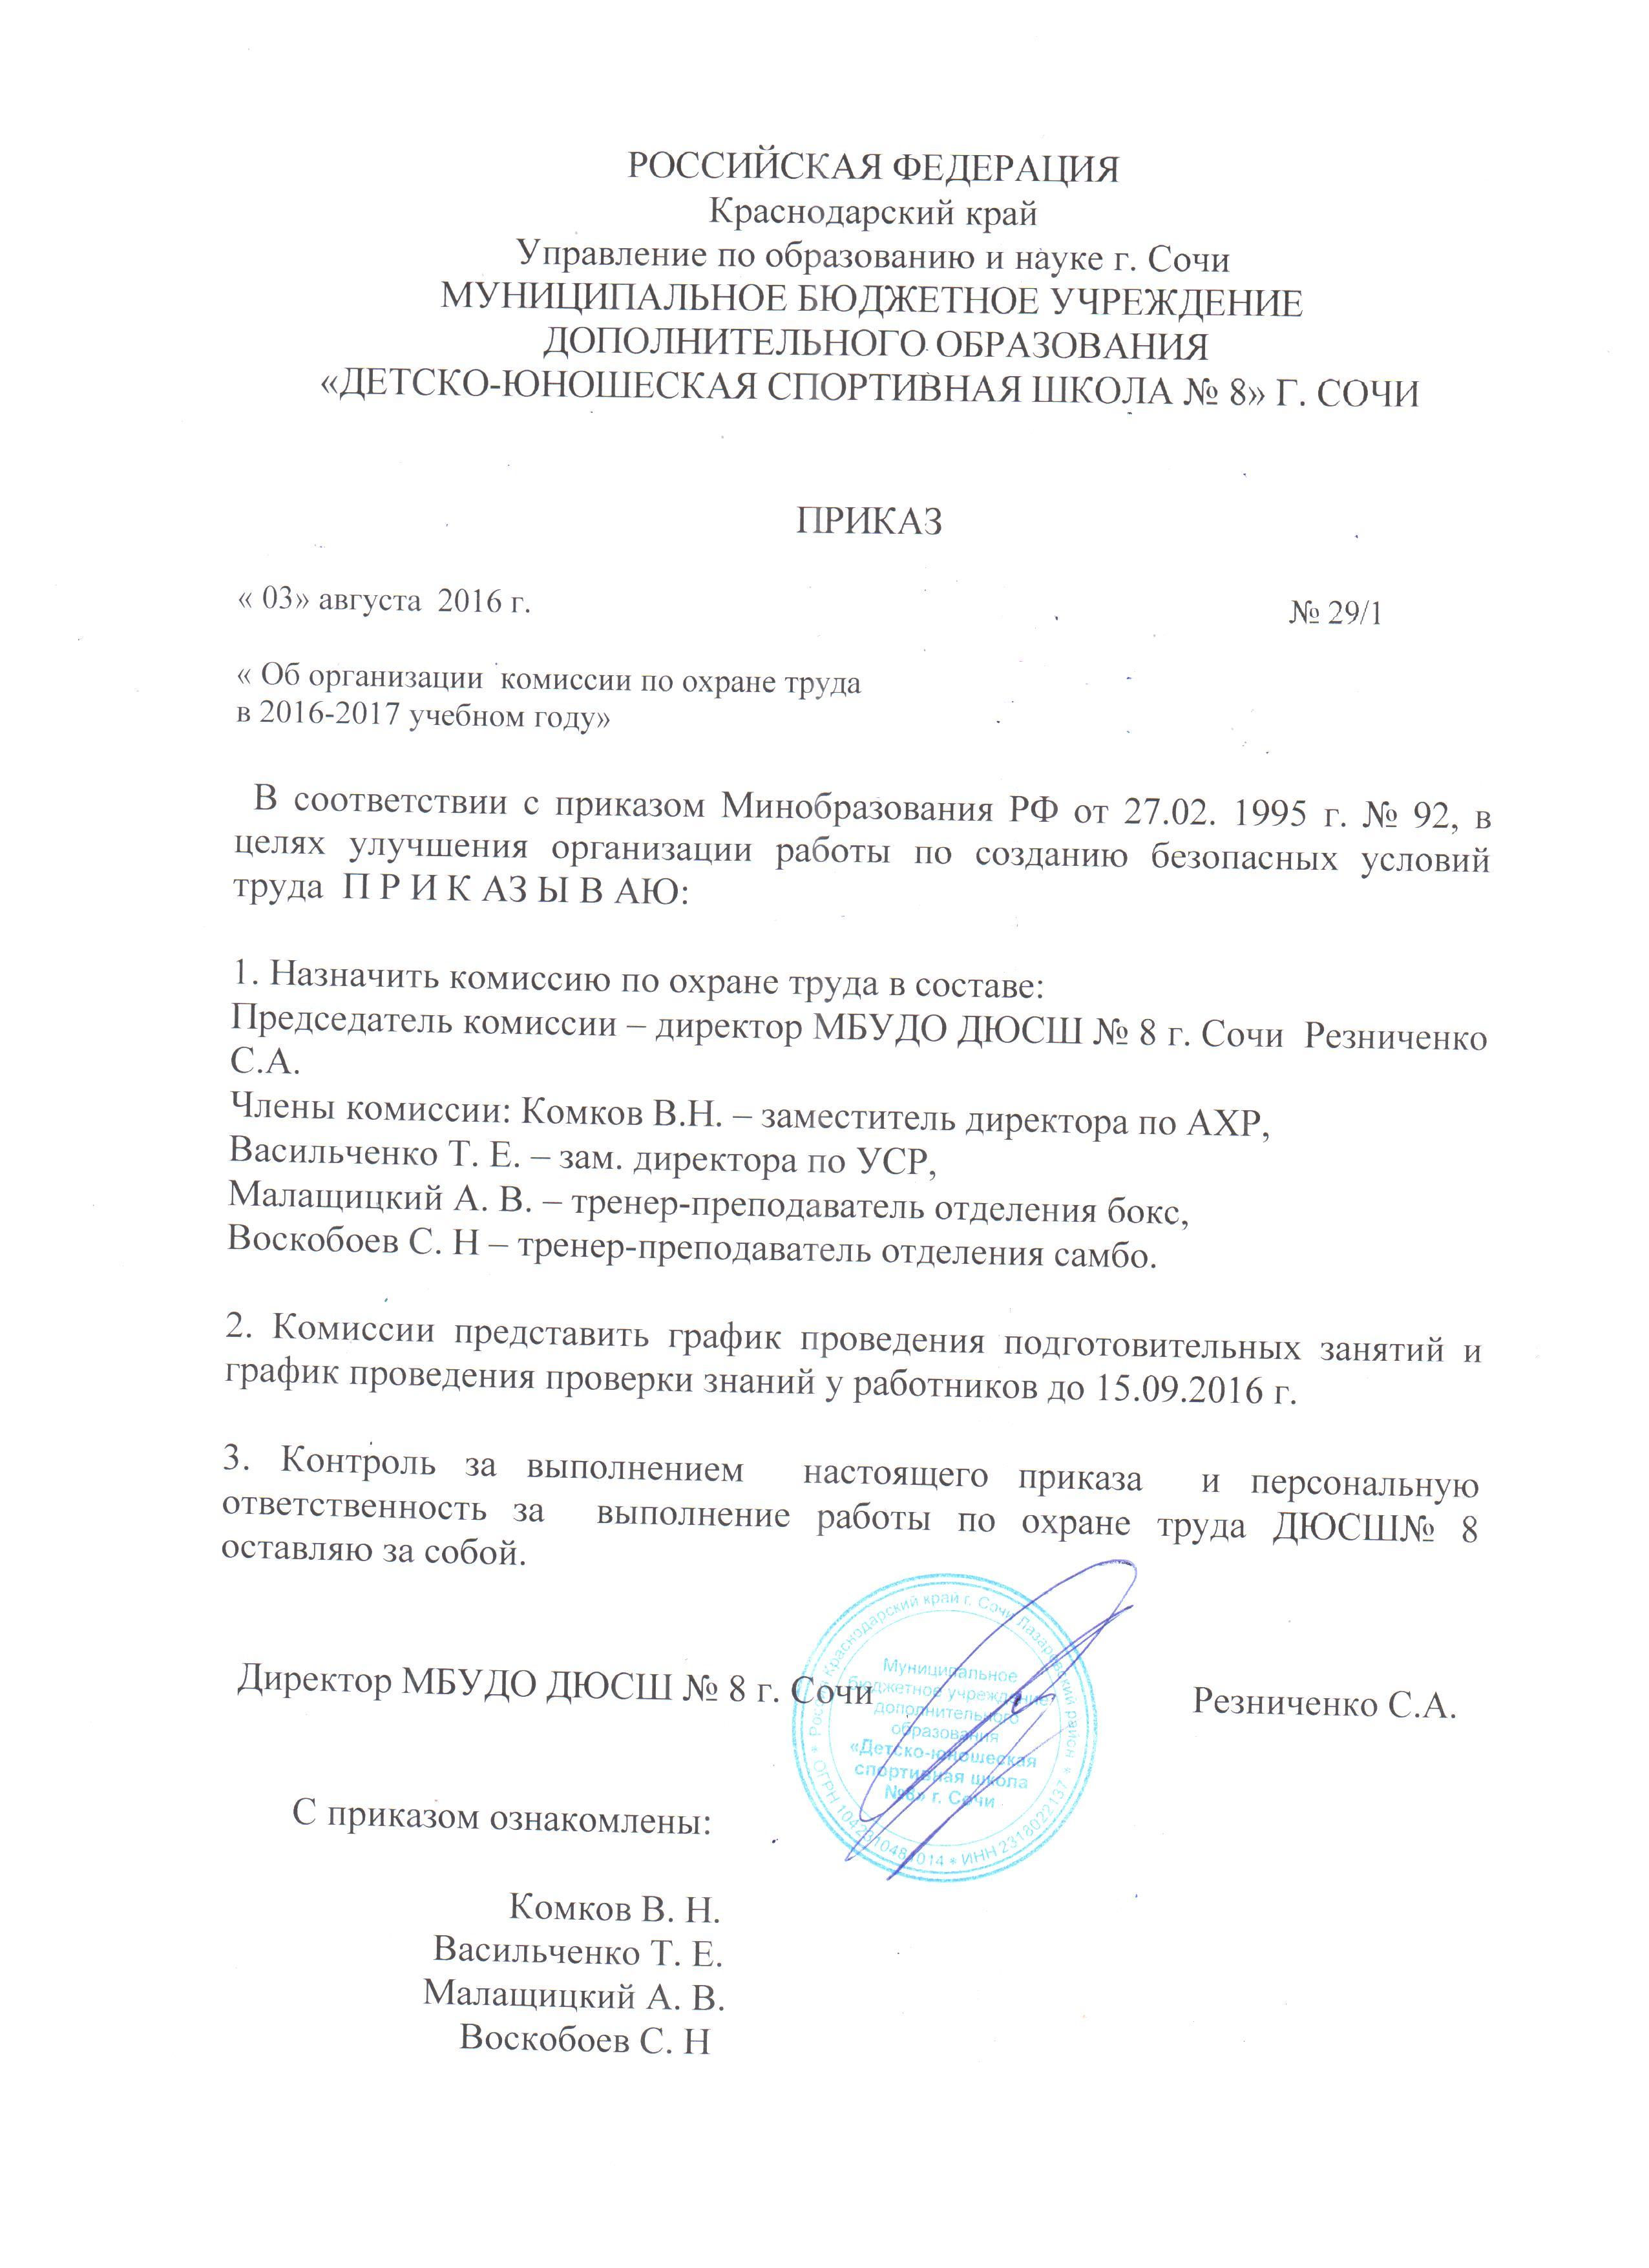 Приказ о назначении комиссии по ОТ на 2016-2017 уч. г.